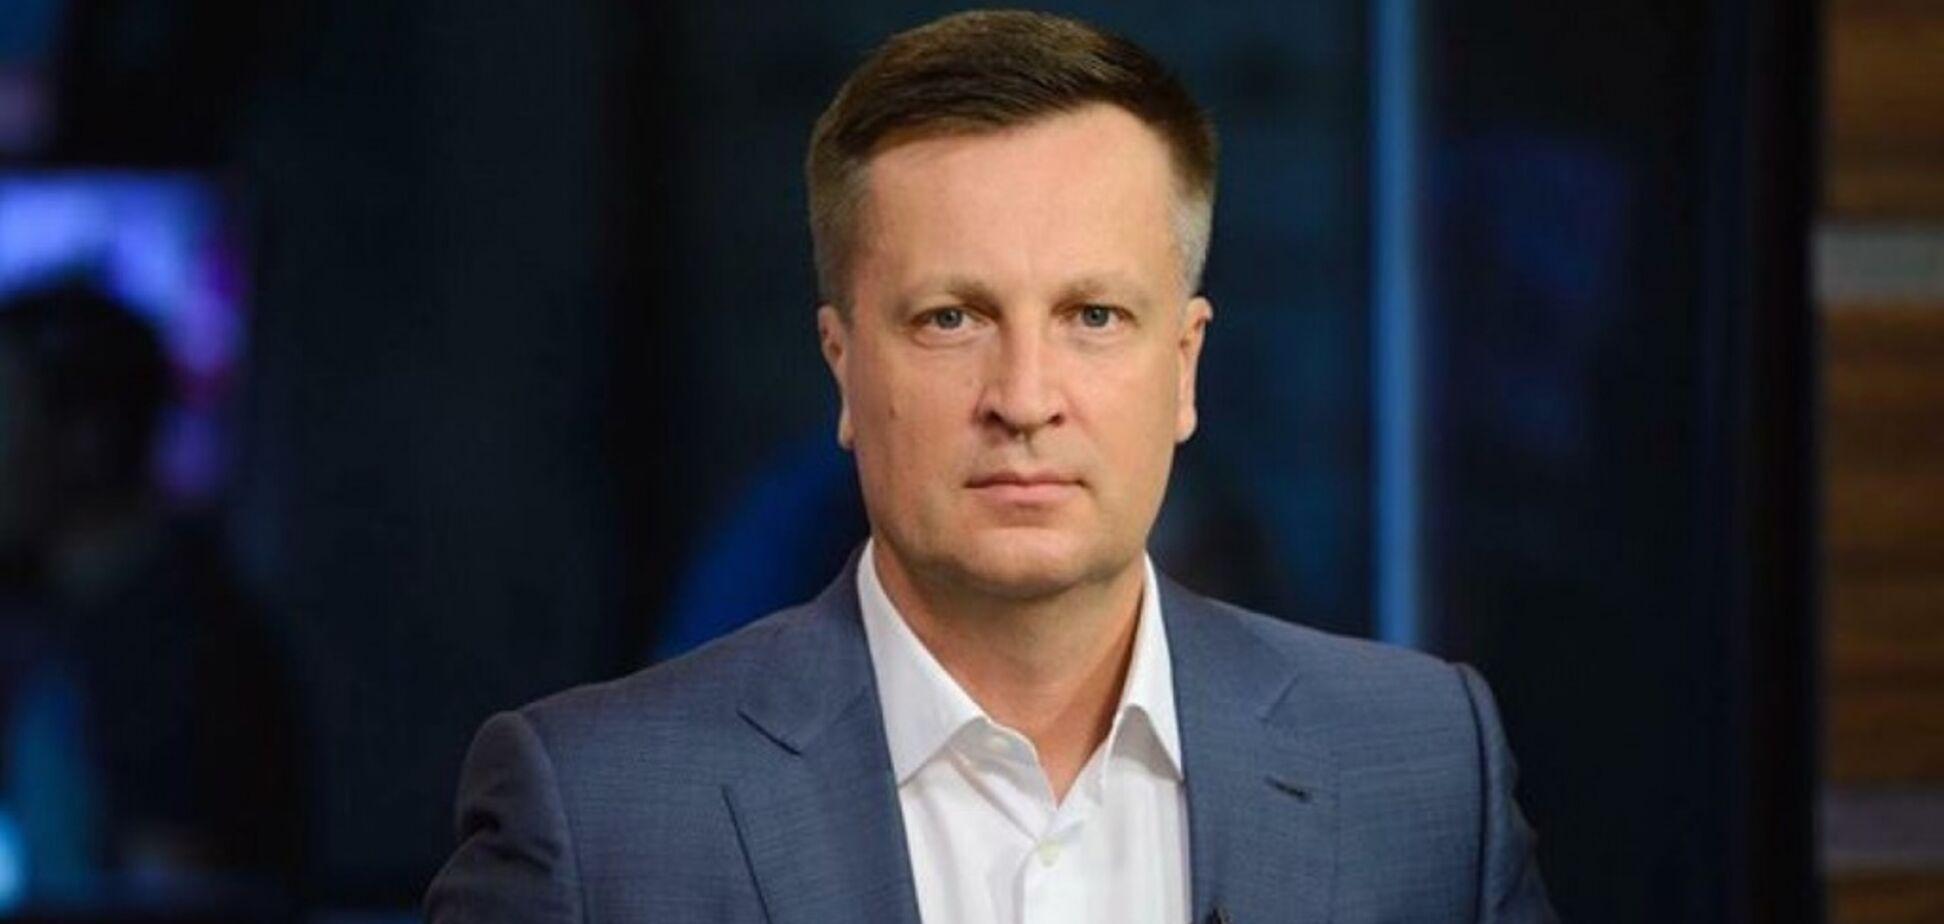 ''Ради людей'': кандидат на кресло президента Украины Наливайченко озвучил свои цели